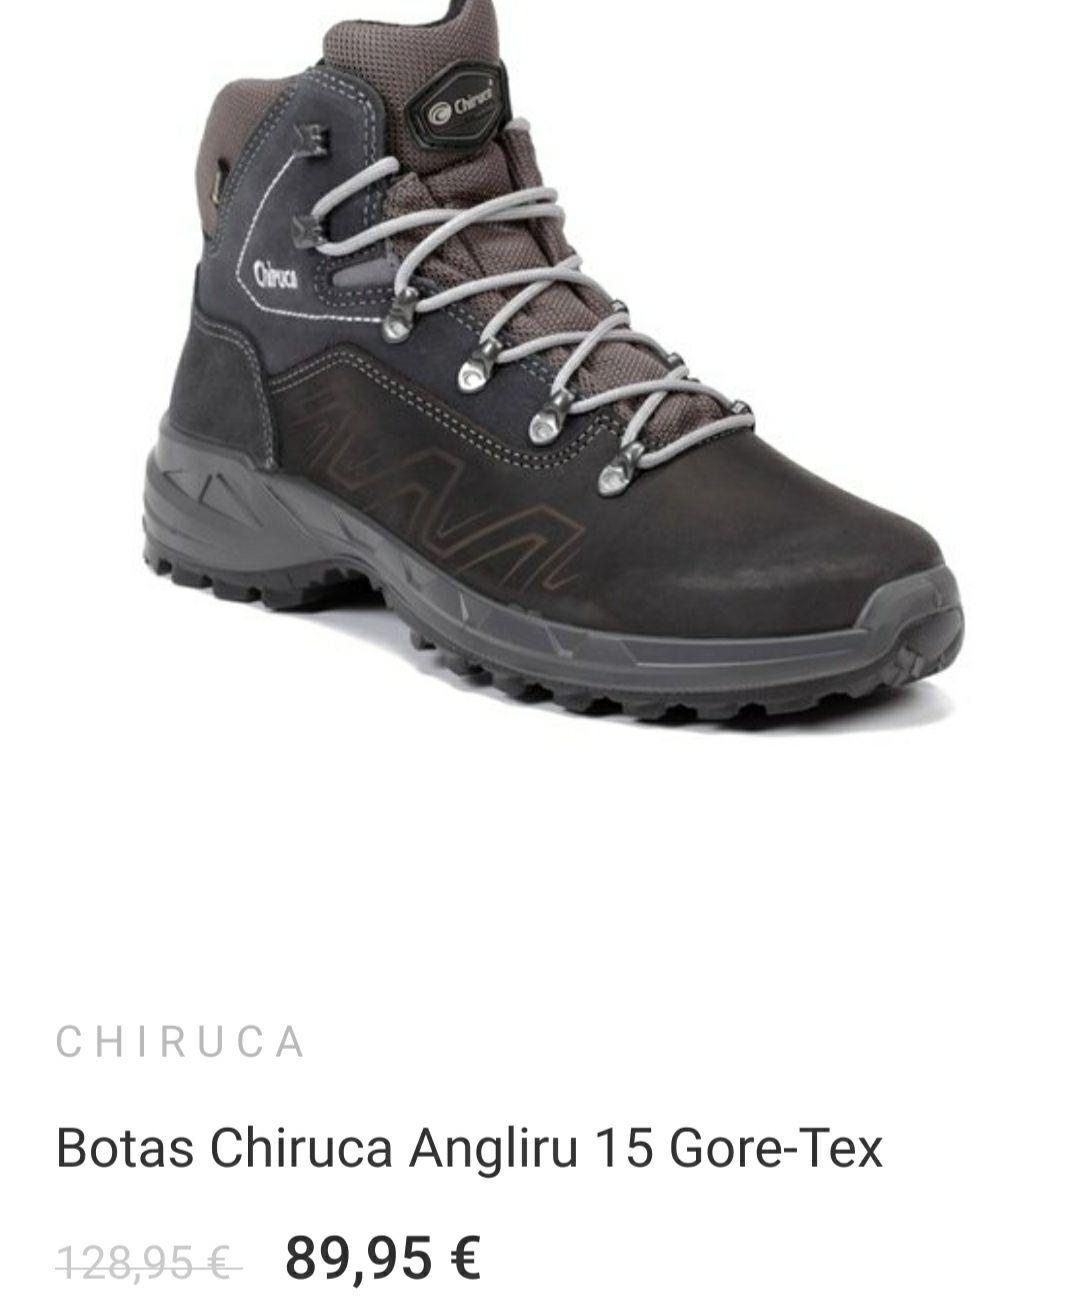 Botas Chiruca Angliru (pocas tallas y colores)